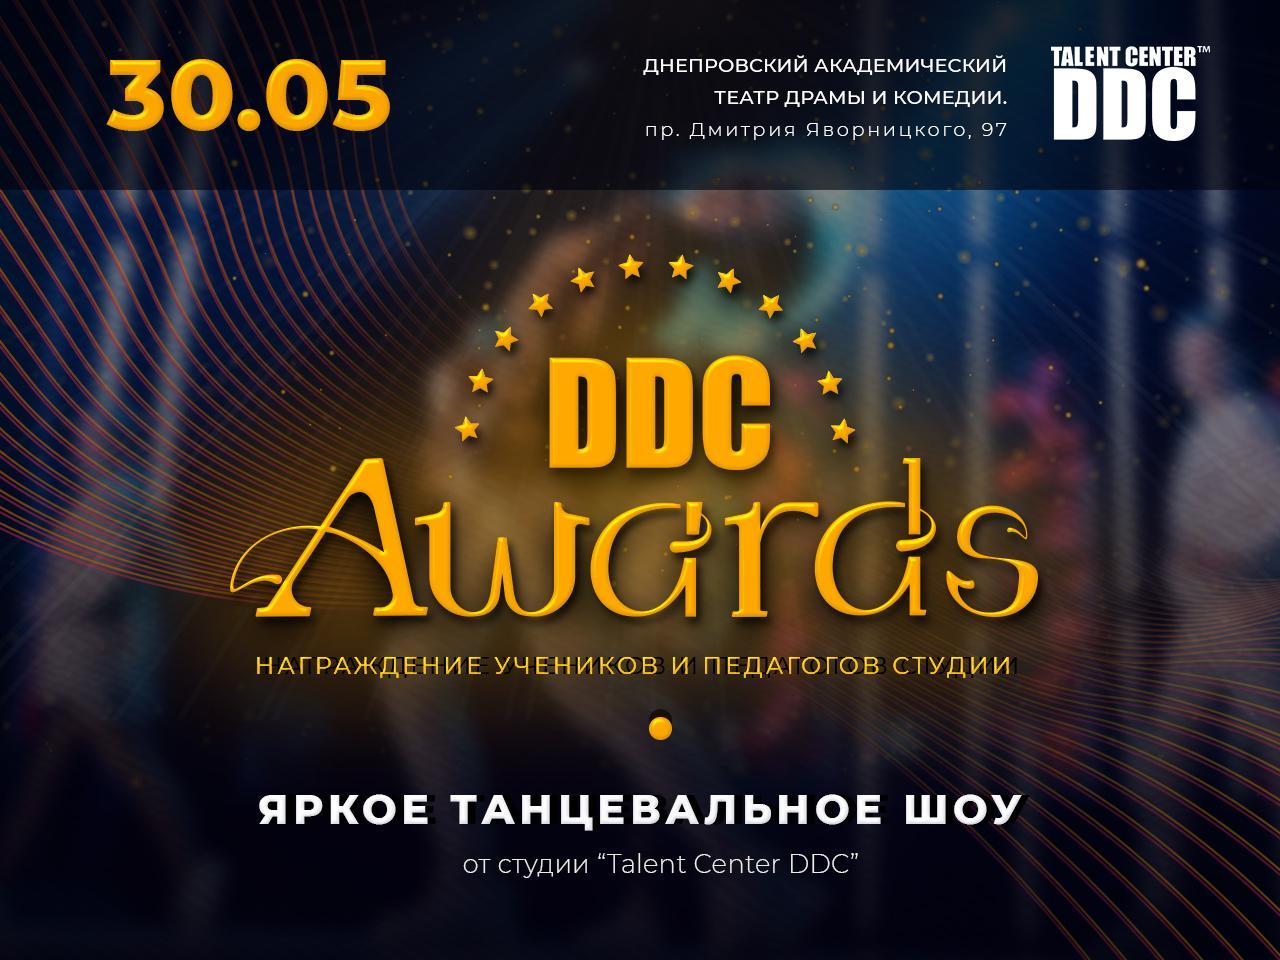 ddc awards